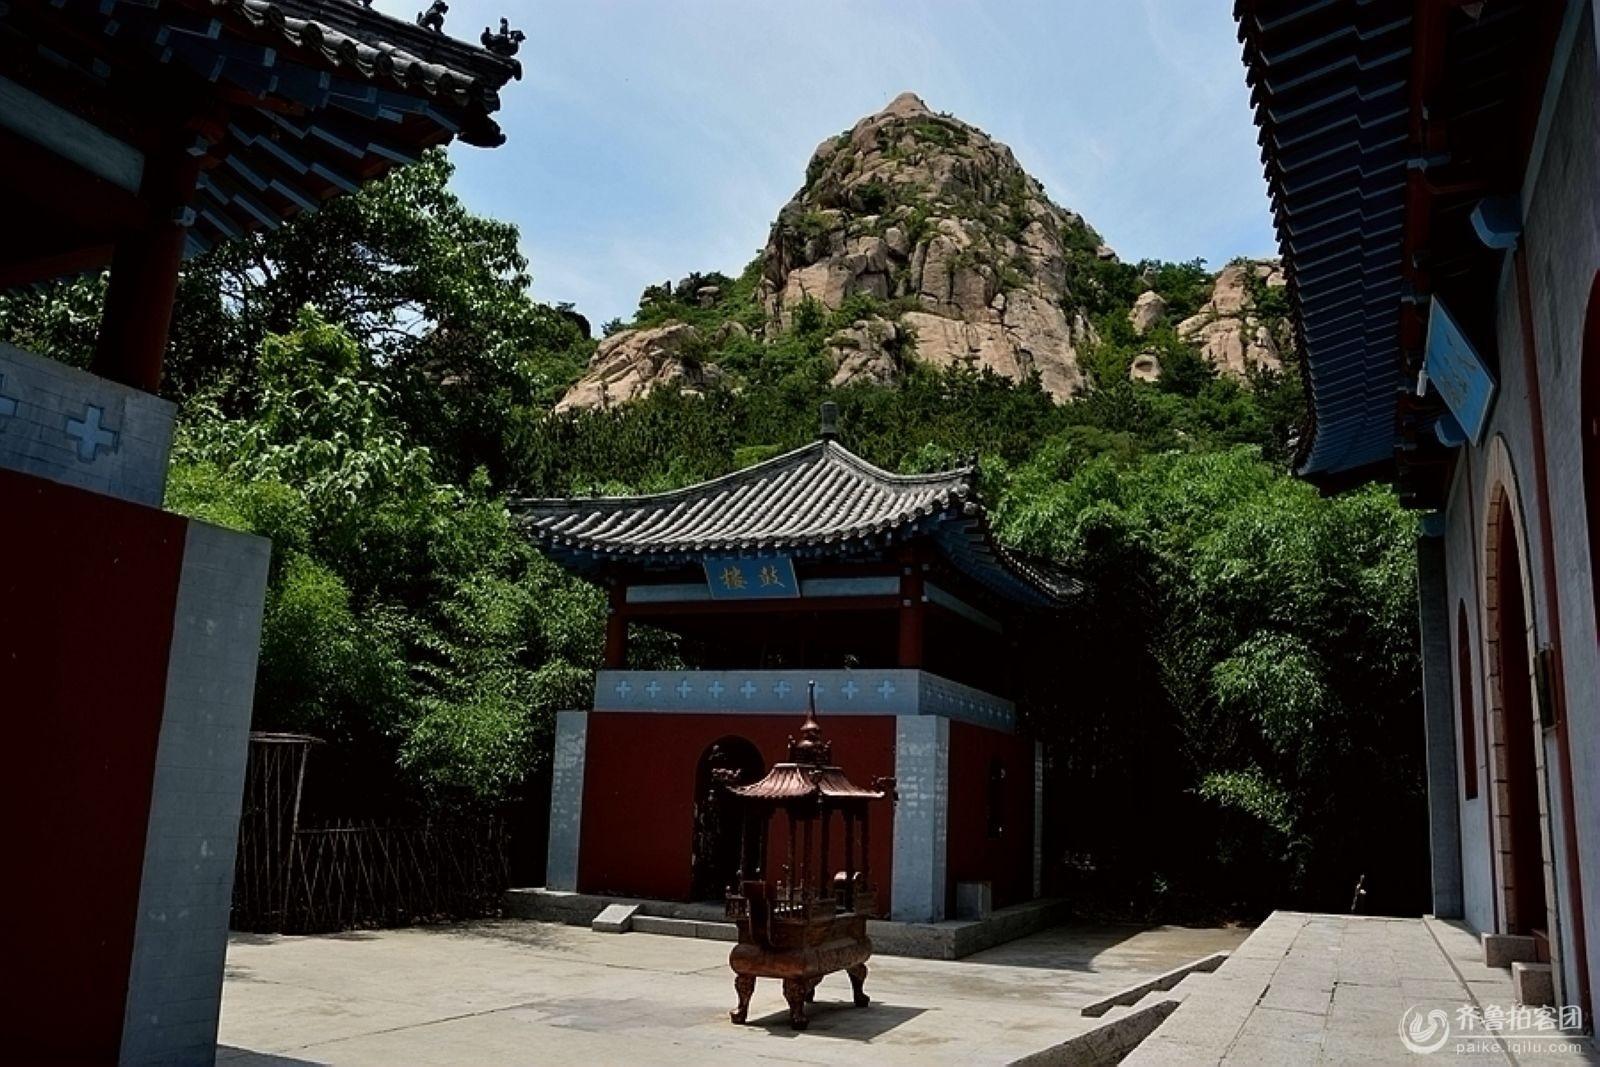 游大珠山石门寺 - 第2页 - 青岛拍客 - 齐鲁社区 - 最